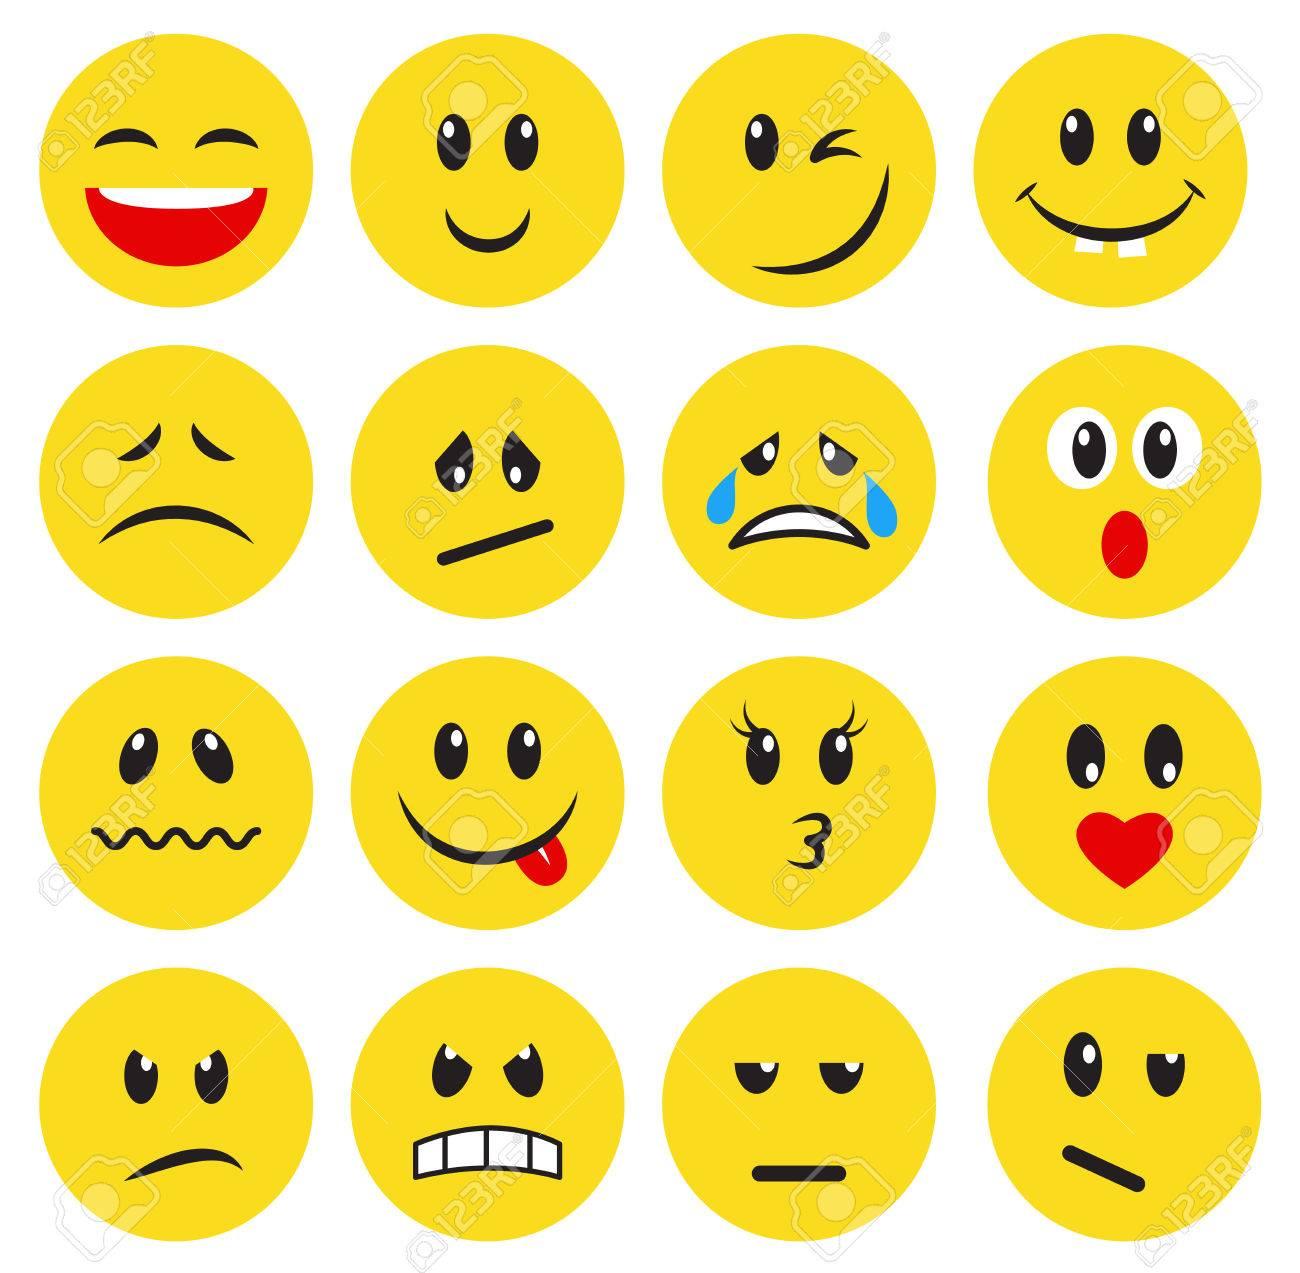 428f1aa0f54 Conjunto de emoticones amarillos y emojis. Ilustración de vector de estilo  plano sobre fondo blanco